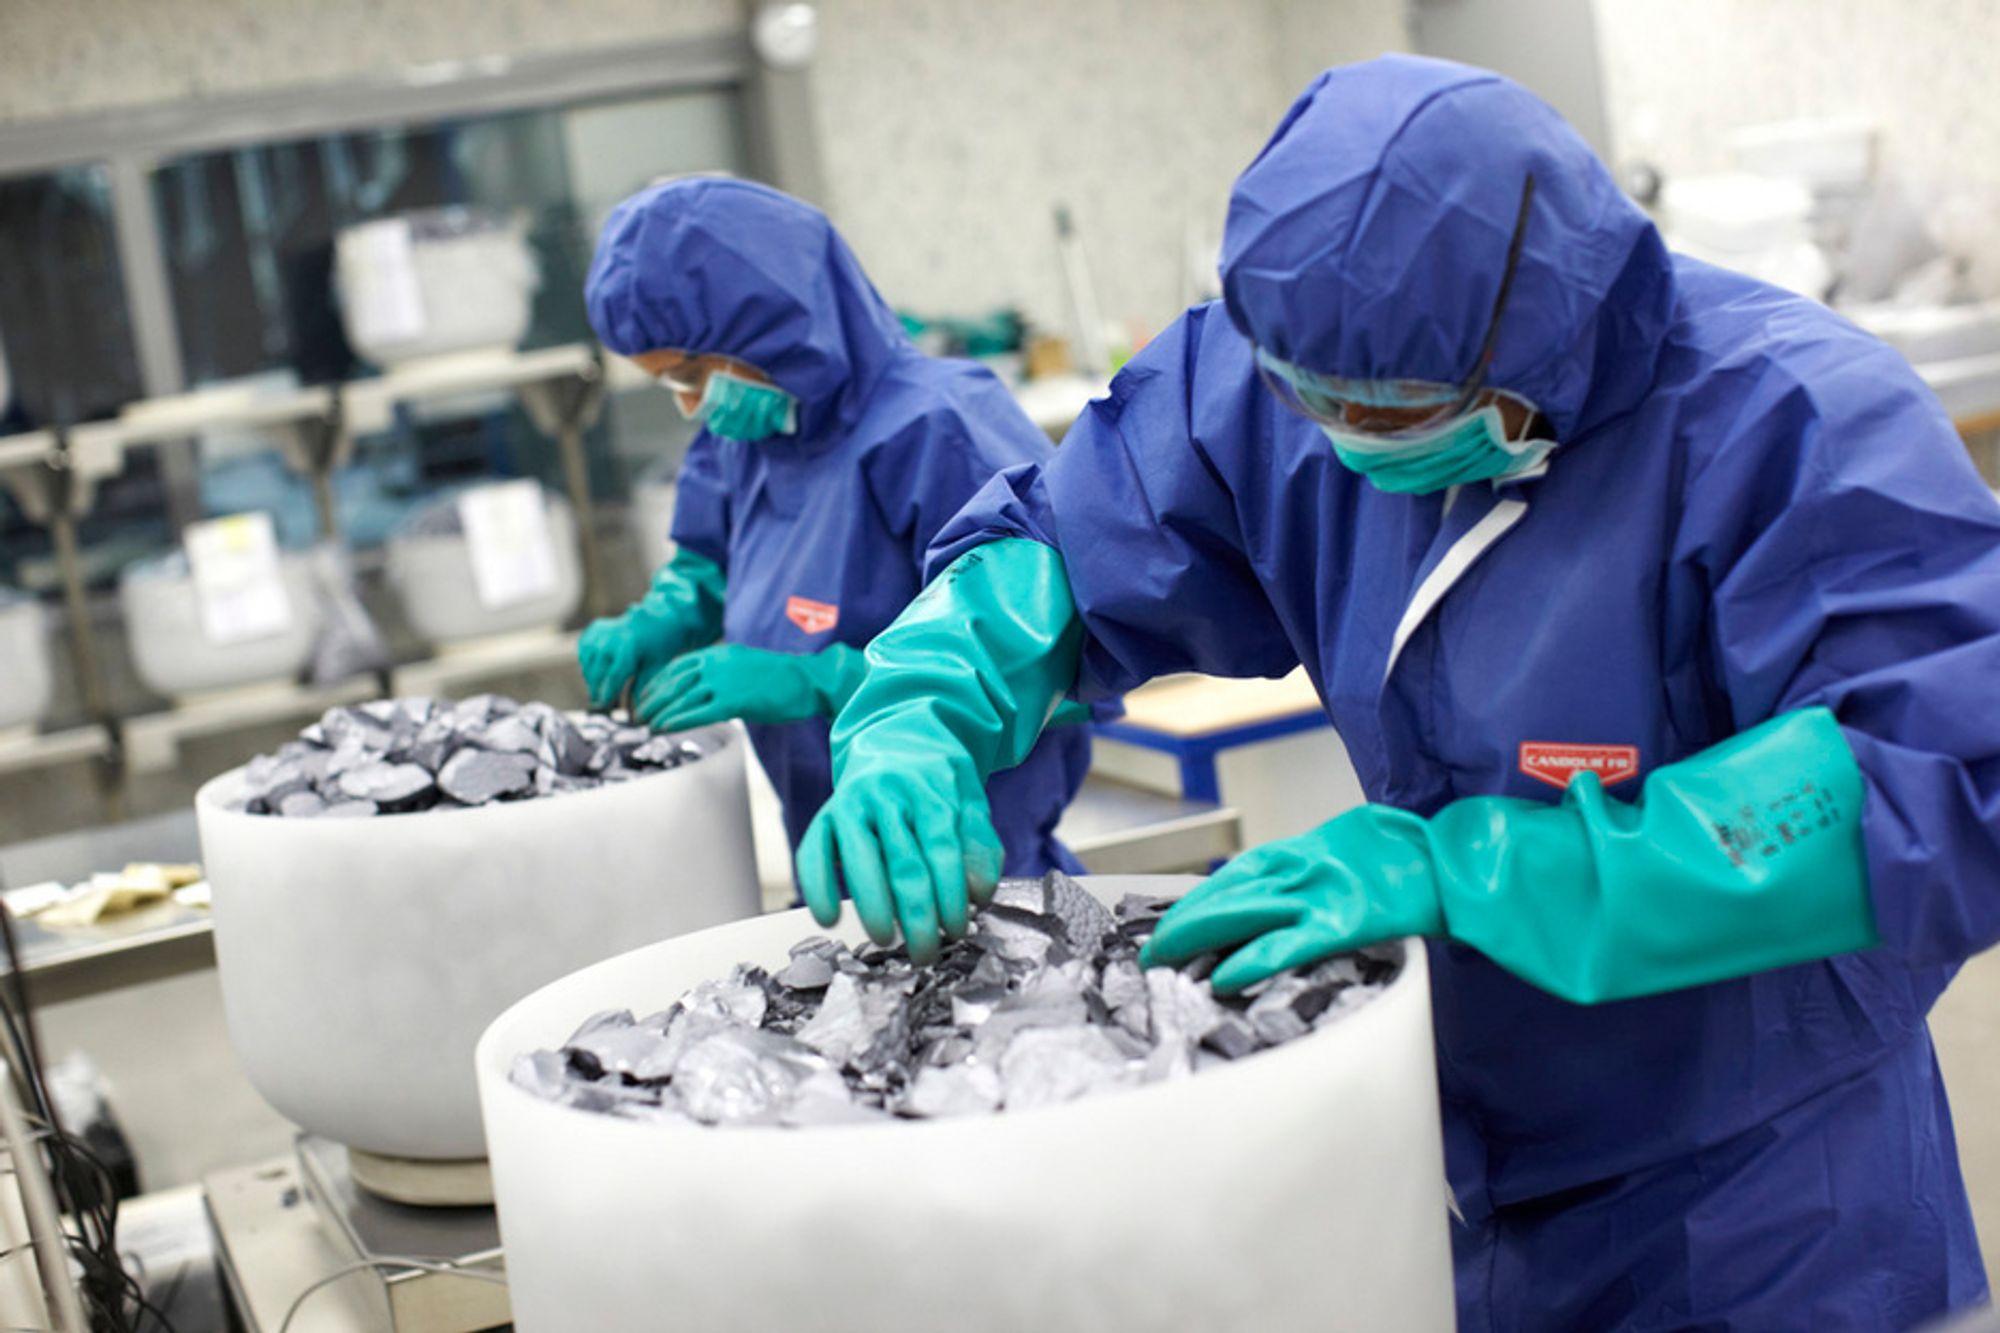 NORSK SOL: Norsun leverer mye solceller til Japan, og har bidratt til en sterk økning i Norges eksport til landet. Etter atomkraftulykken kan det bli enda mer eksport av fornybarløsninger, tror Norsk Industri.